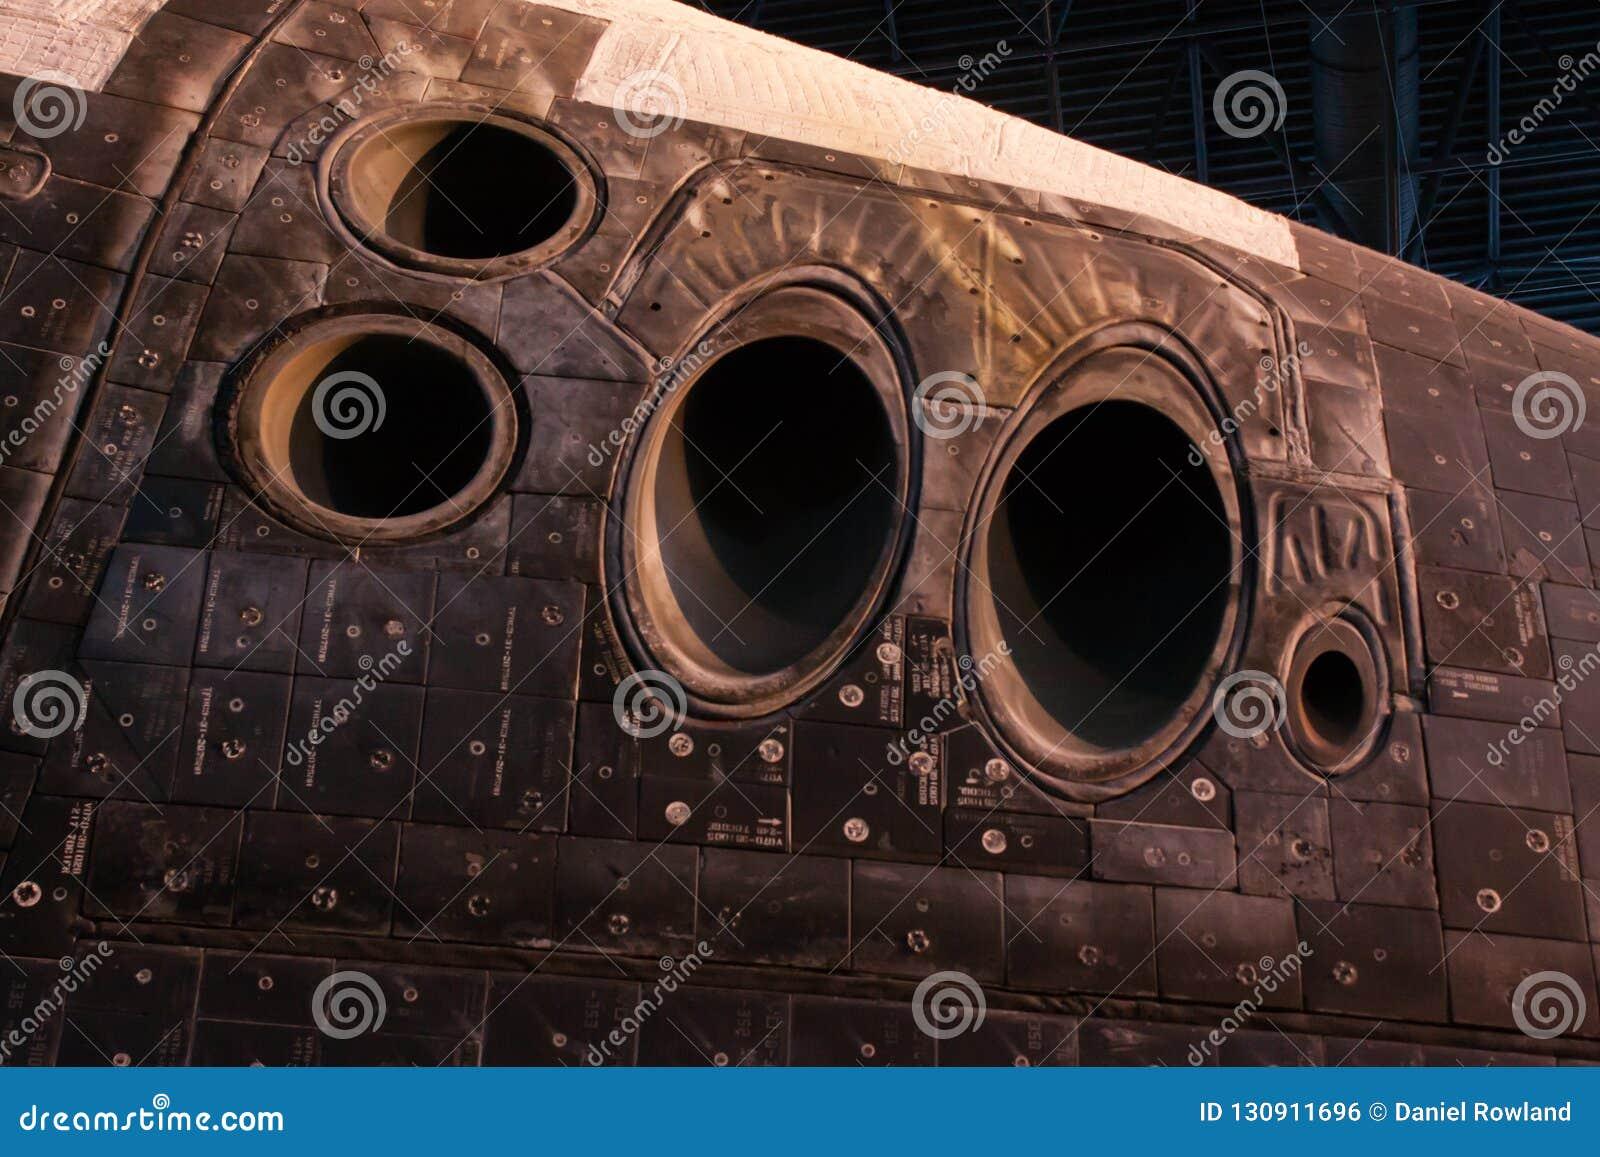 Escudo térmico do vaivém espacial